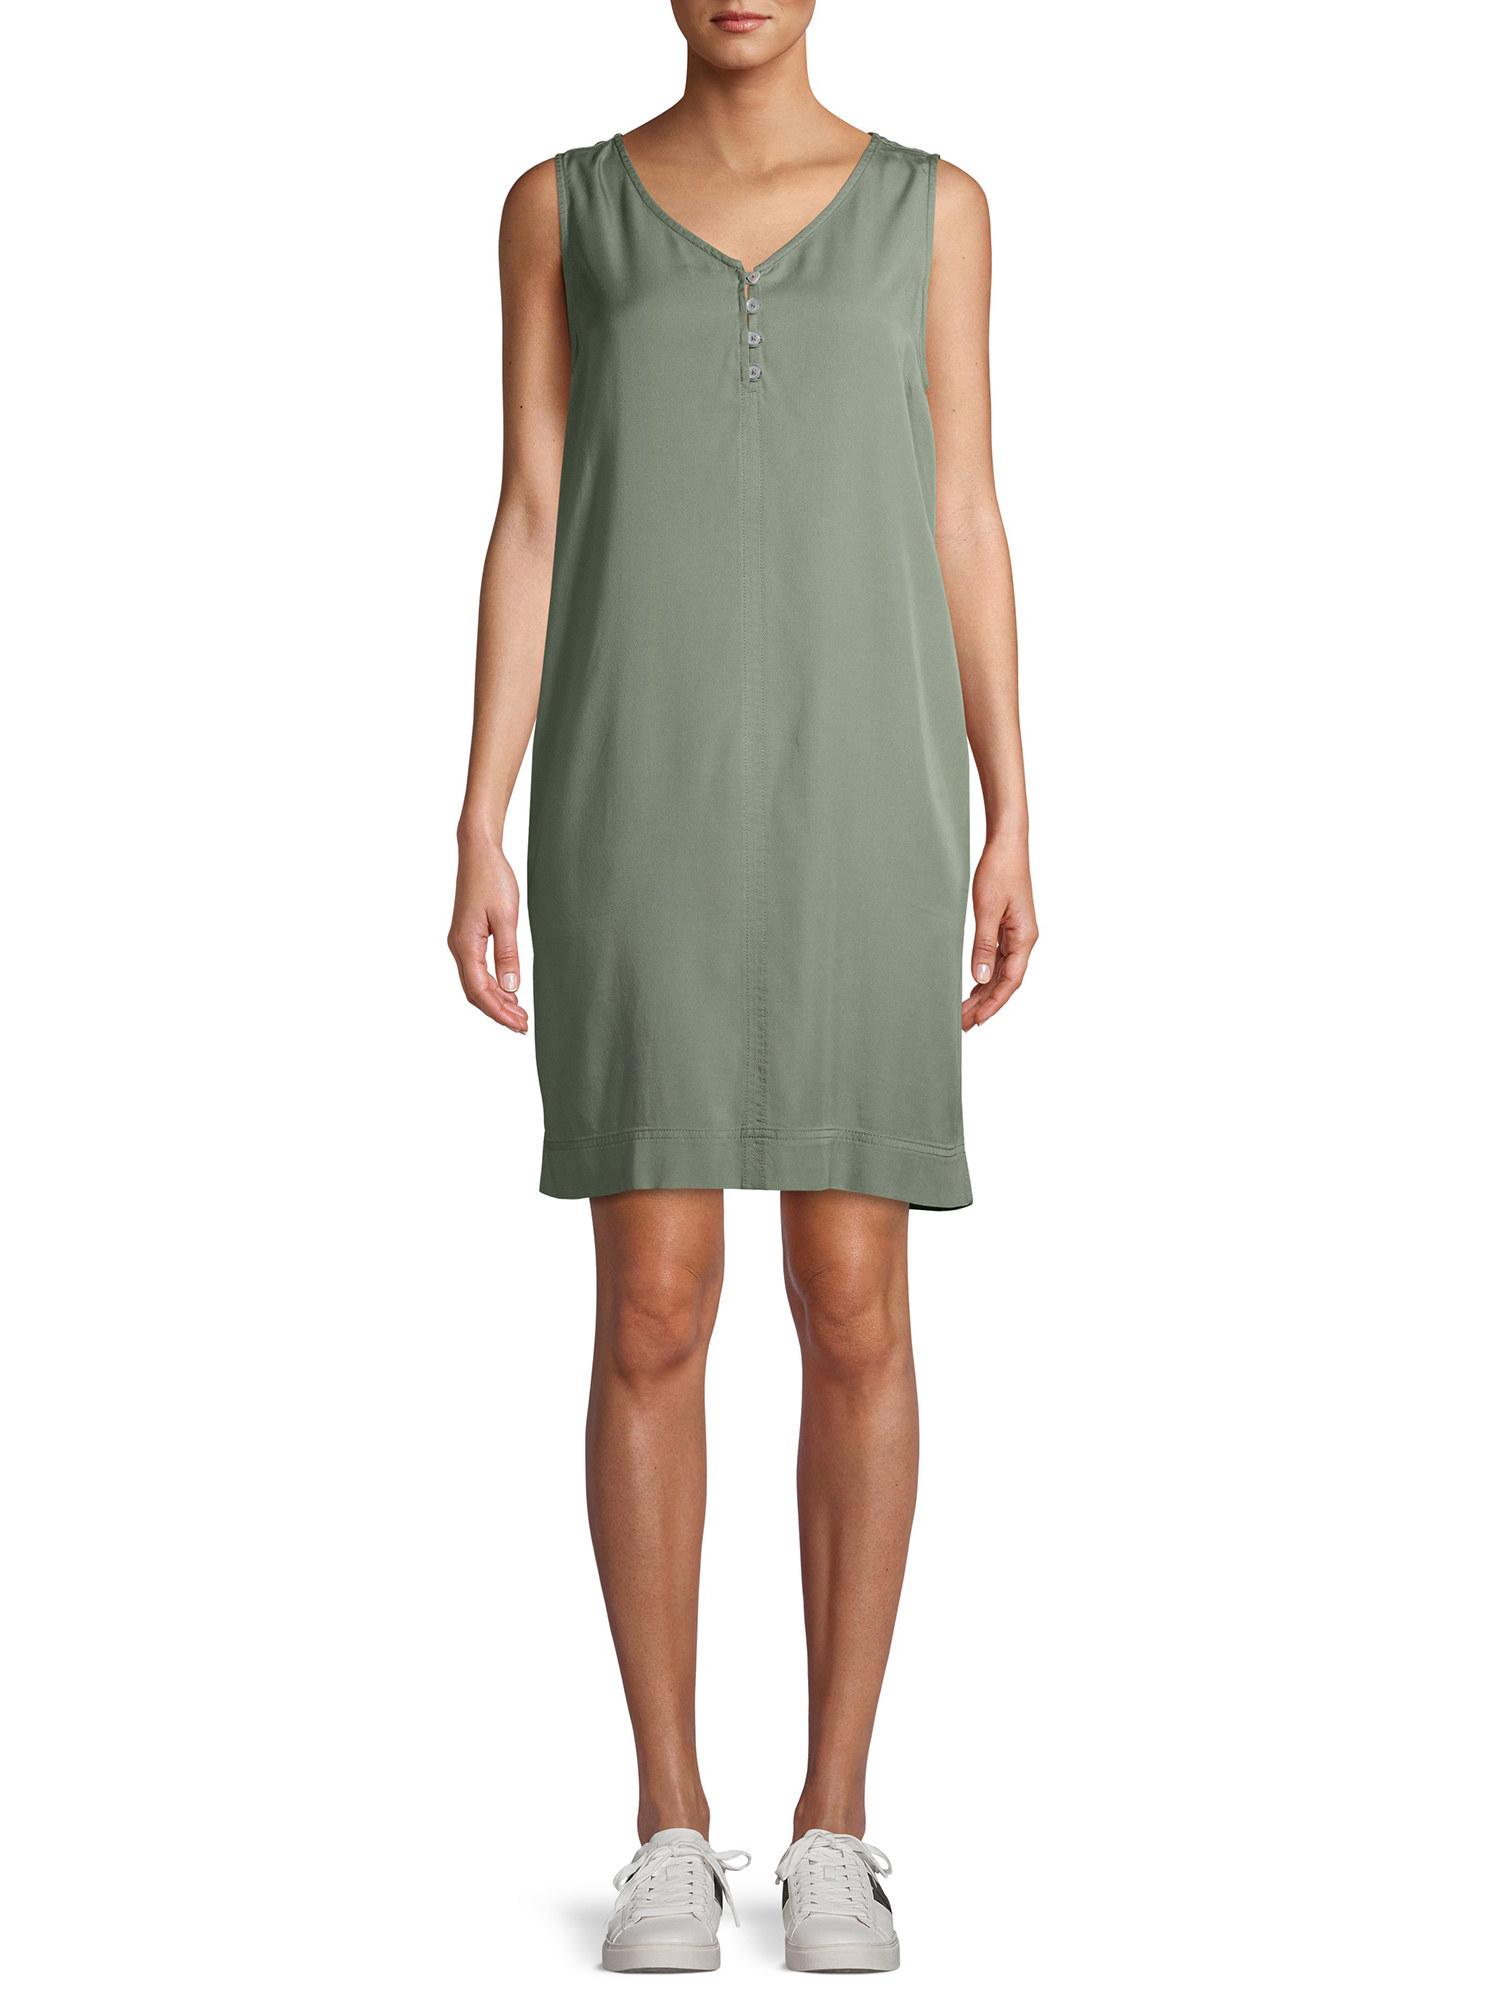 model in a green sleeveless v-neck dress